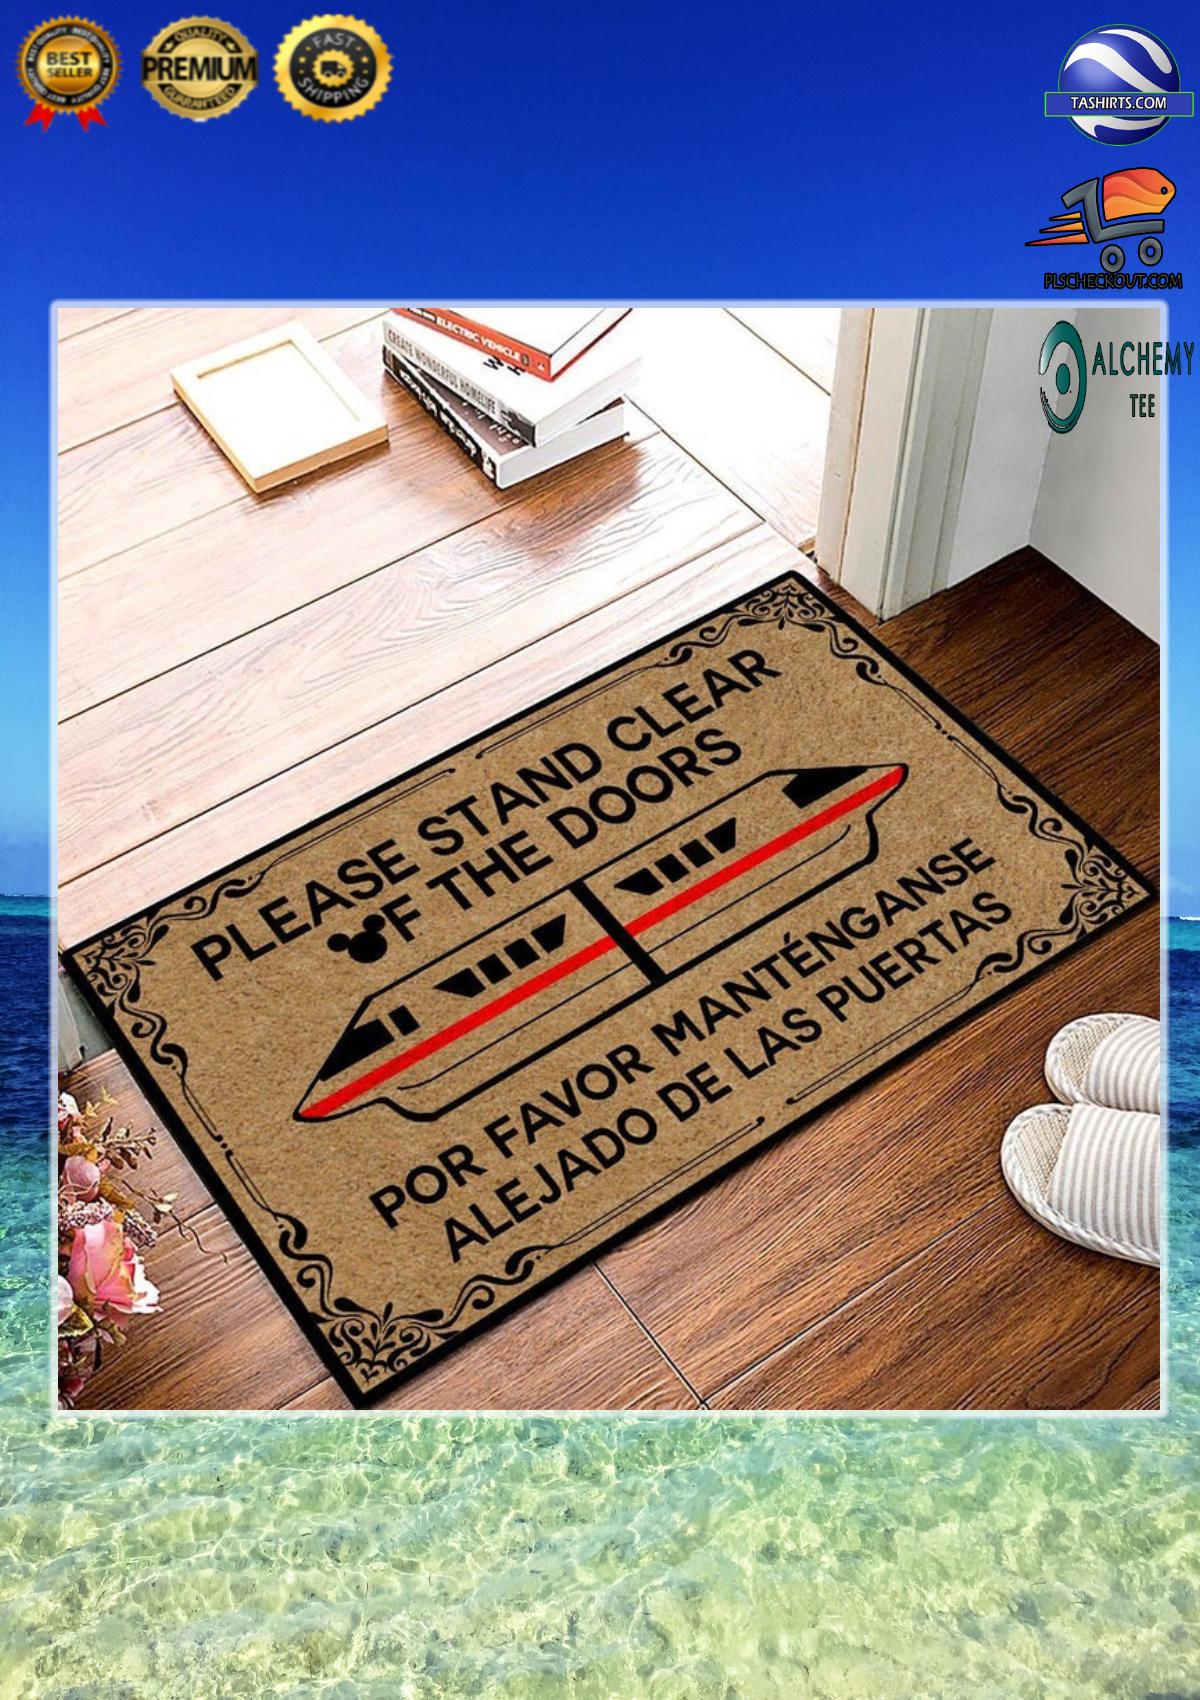 Monorail disney please stand clear of the doors doormat Por favor manténganse alejado de las puertas felpudo